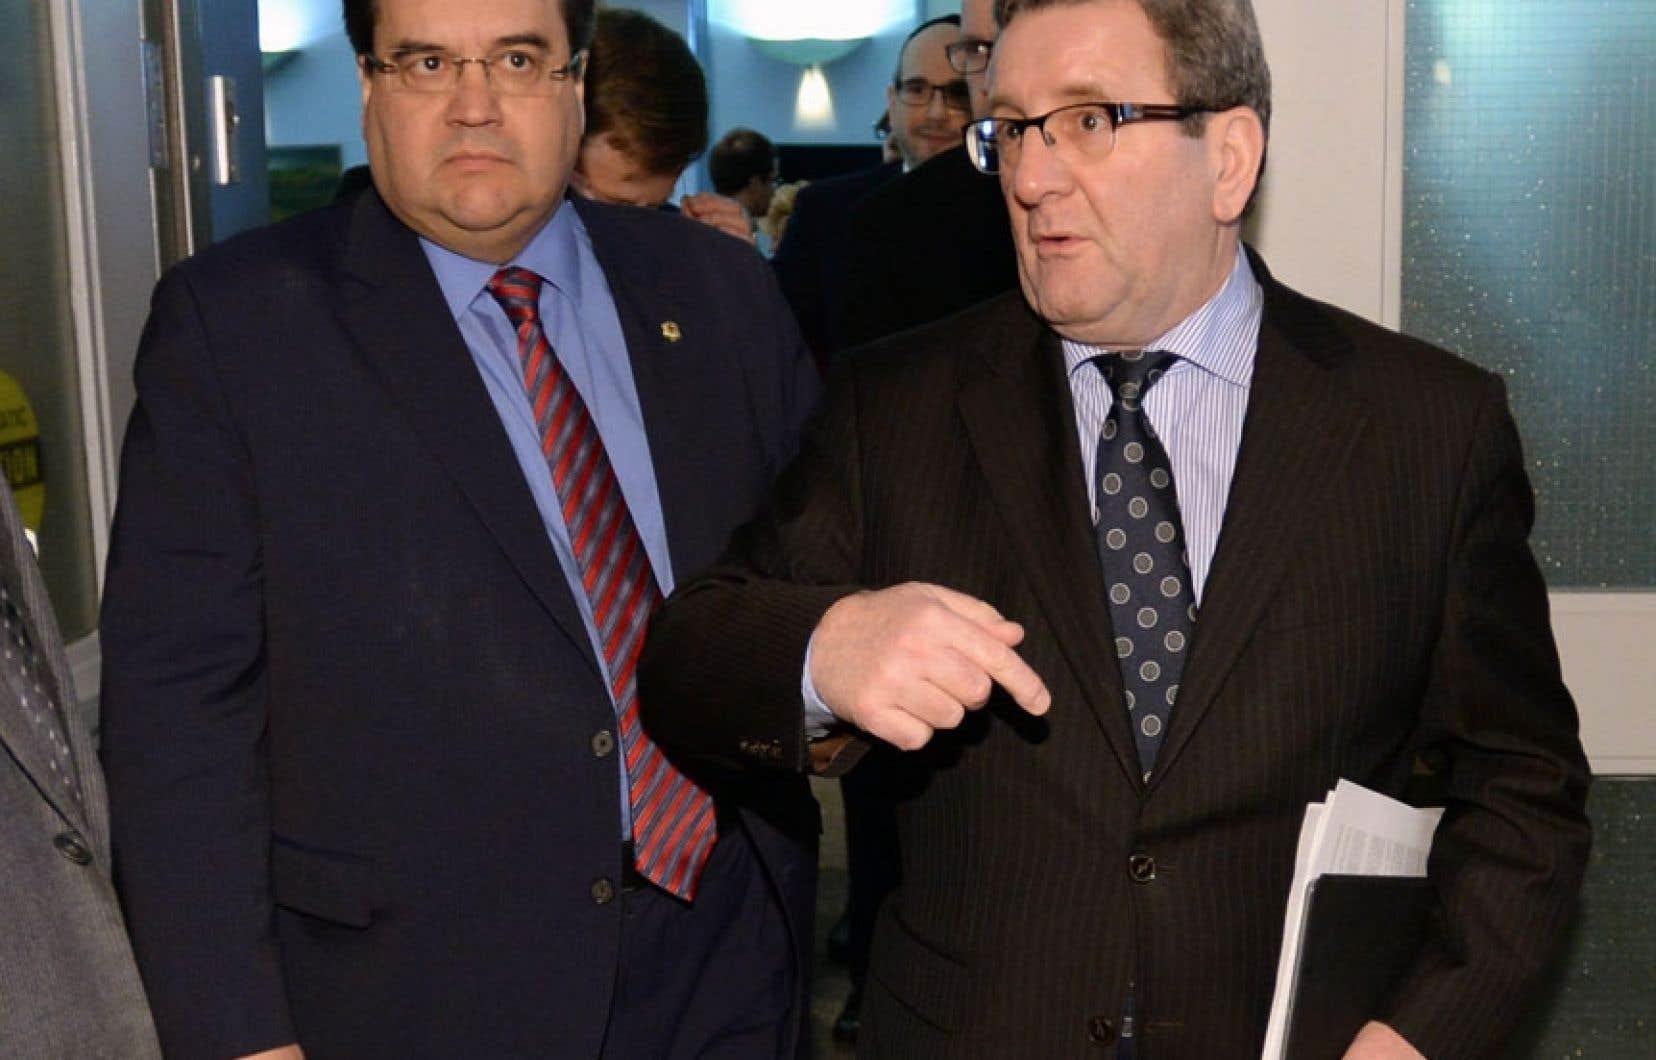 Denis Coderre et Régis Labeaume ont assisté au caucus des maires des principales villes canadiennes mercredi à Toronto, en évitant soigneusement le maire Rob Ford.